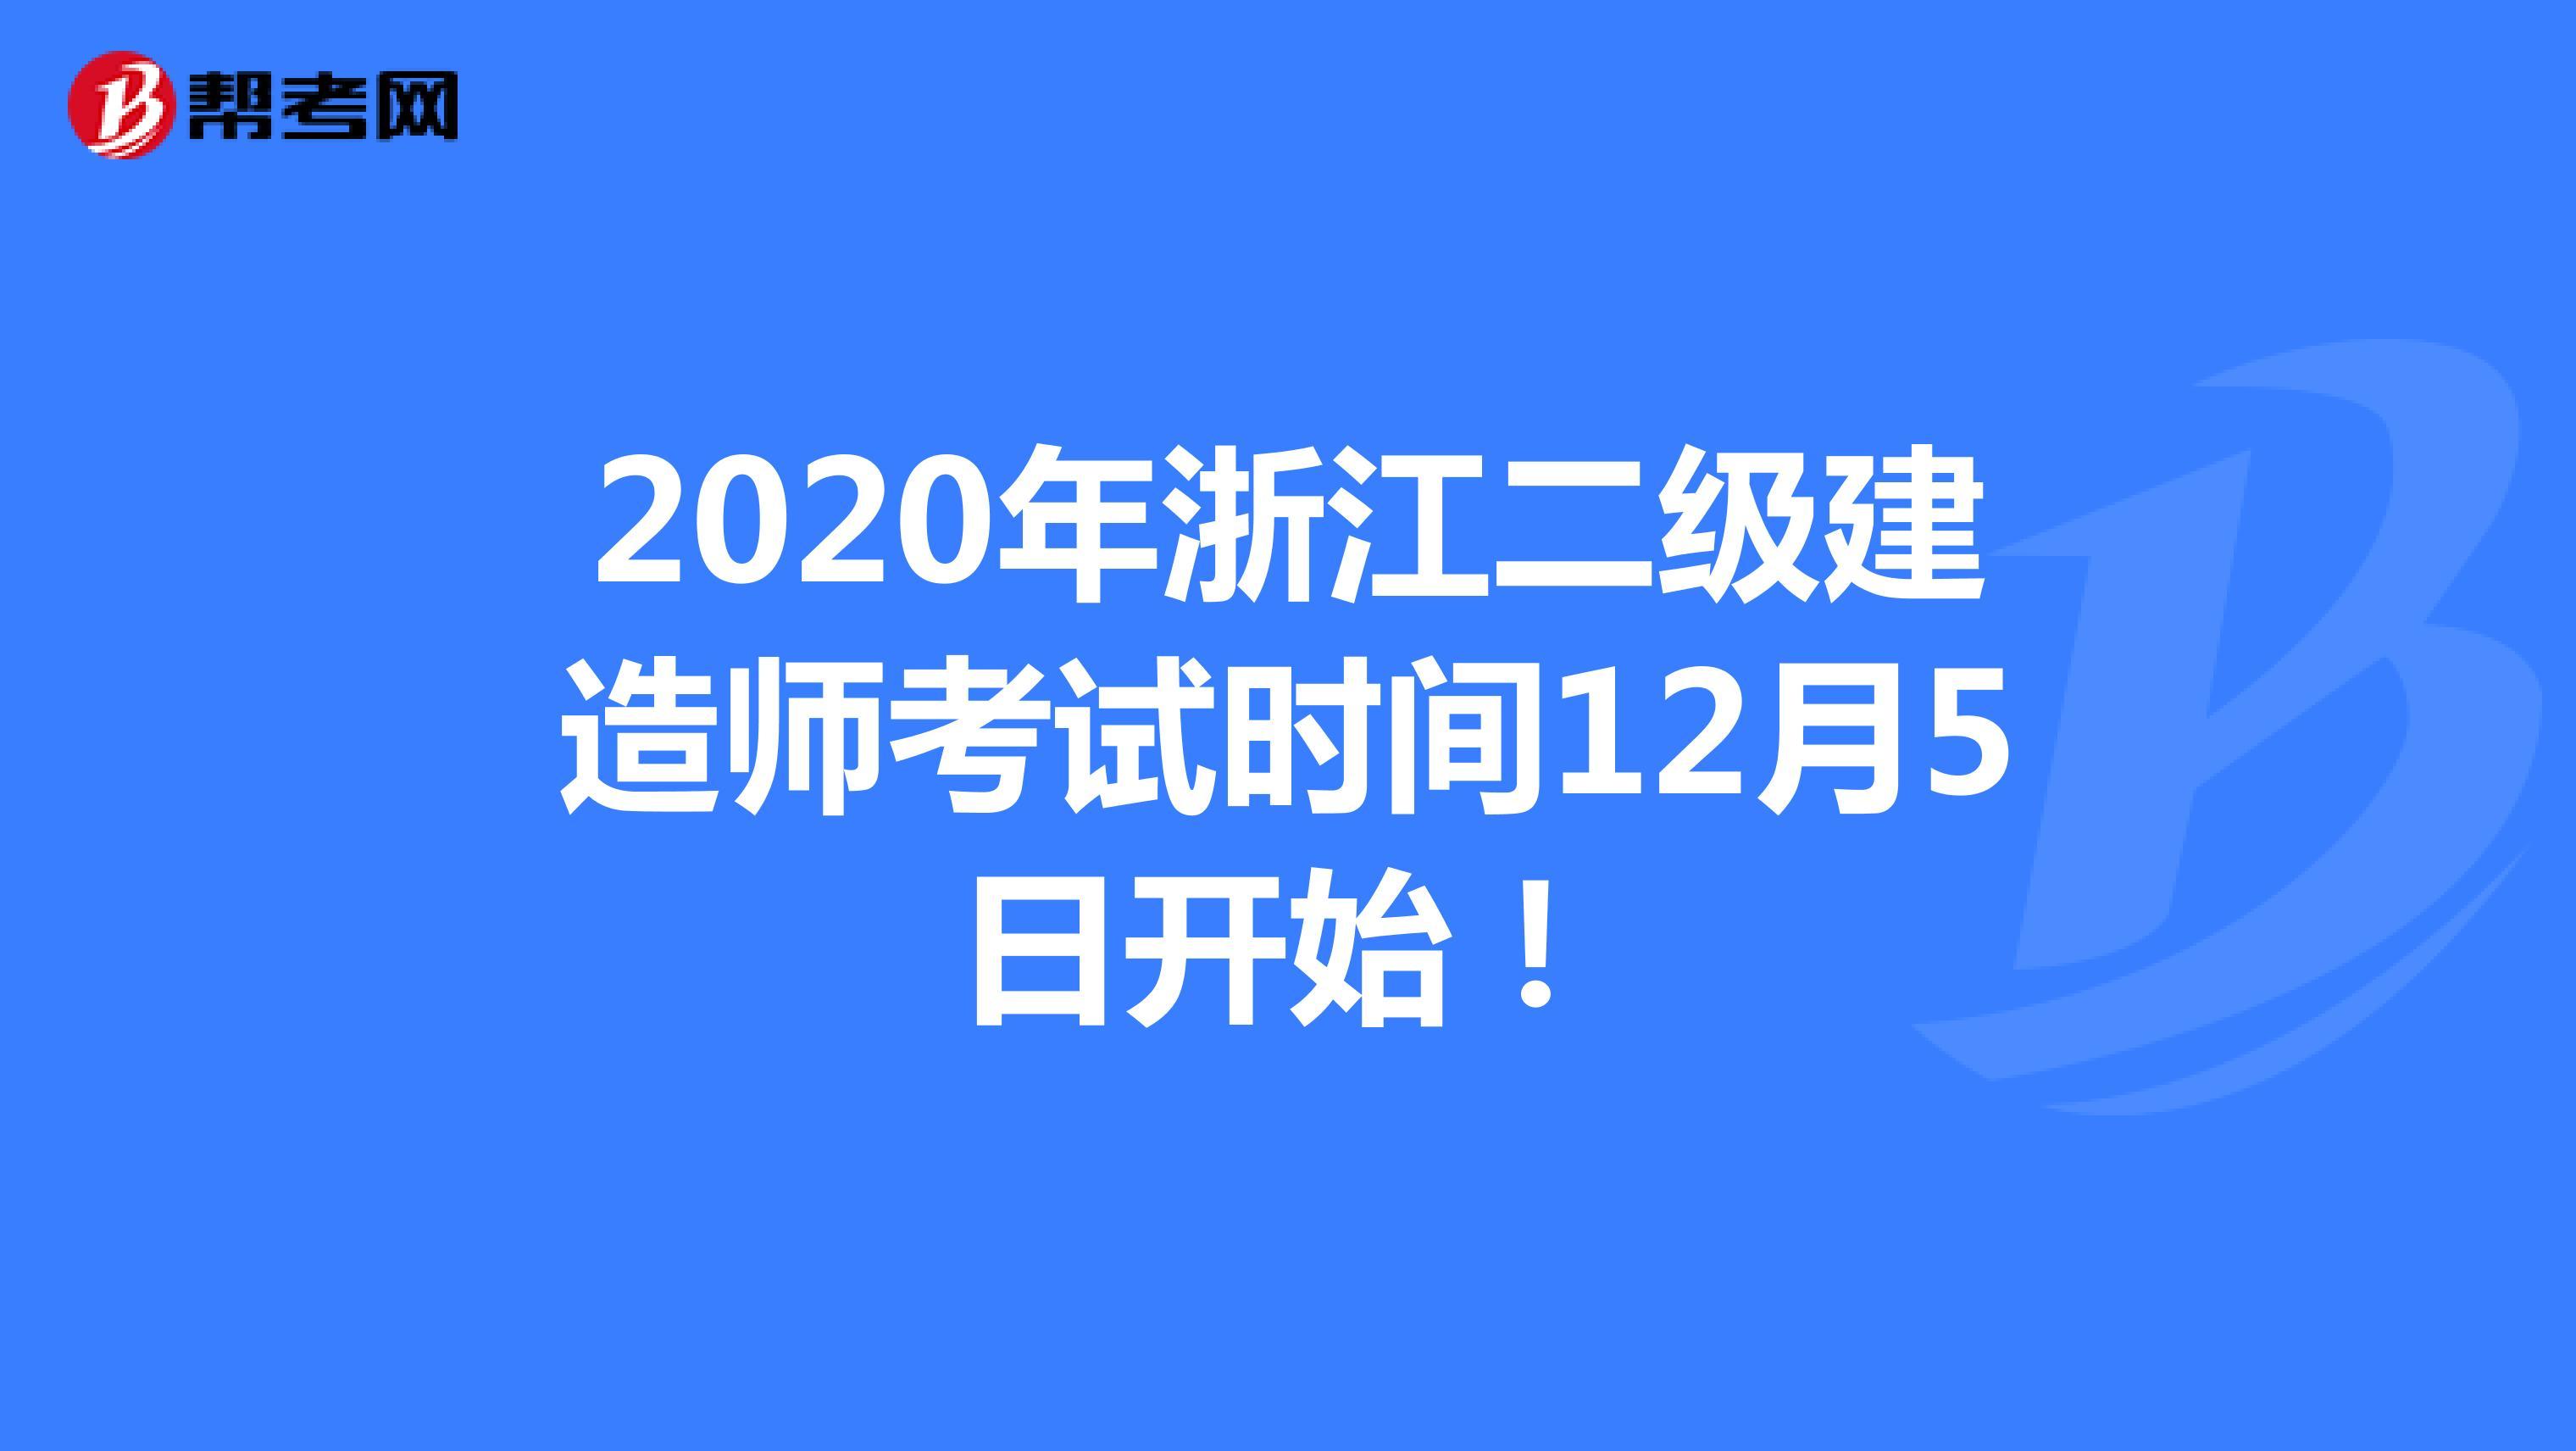 2020年浙江(hot88体育官网)二级建造师考试时间12月5日开始!